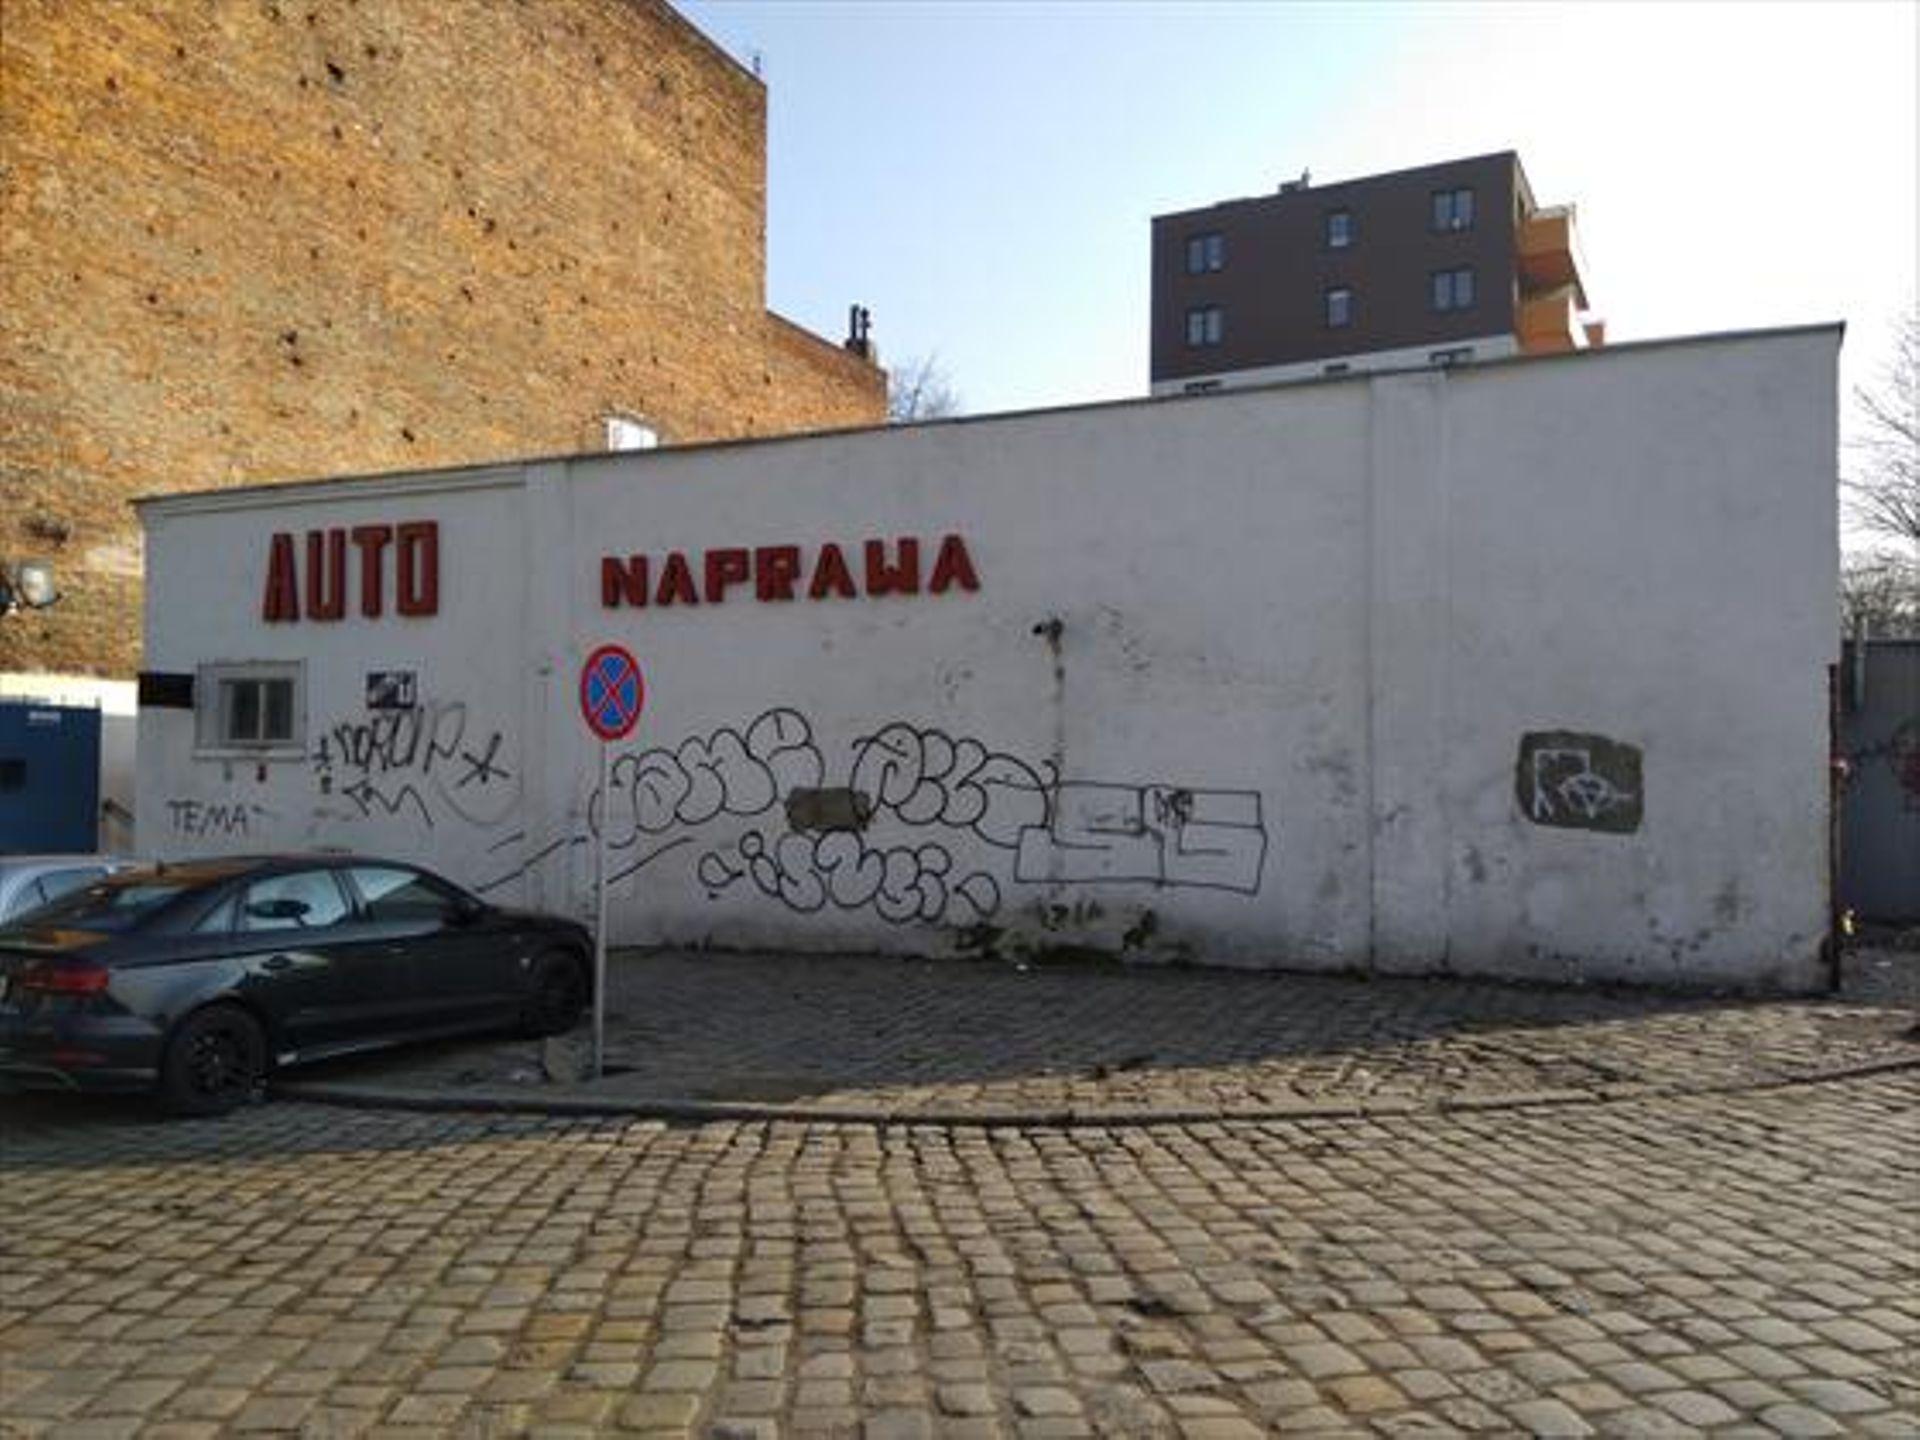 Wrocław: Z sąsiedztwa kamienic zniknie warsztat samochodowy, a powstanie budynek mieszkalny? Jest na sprzedaż